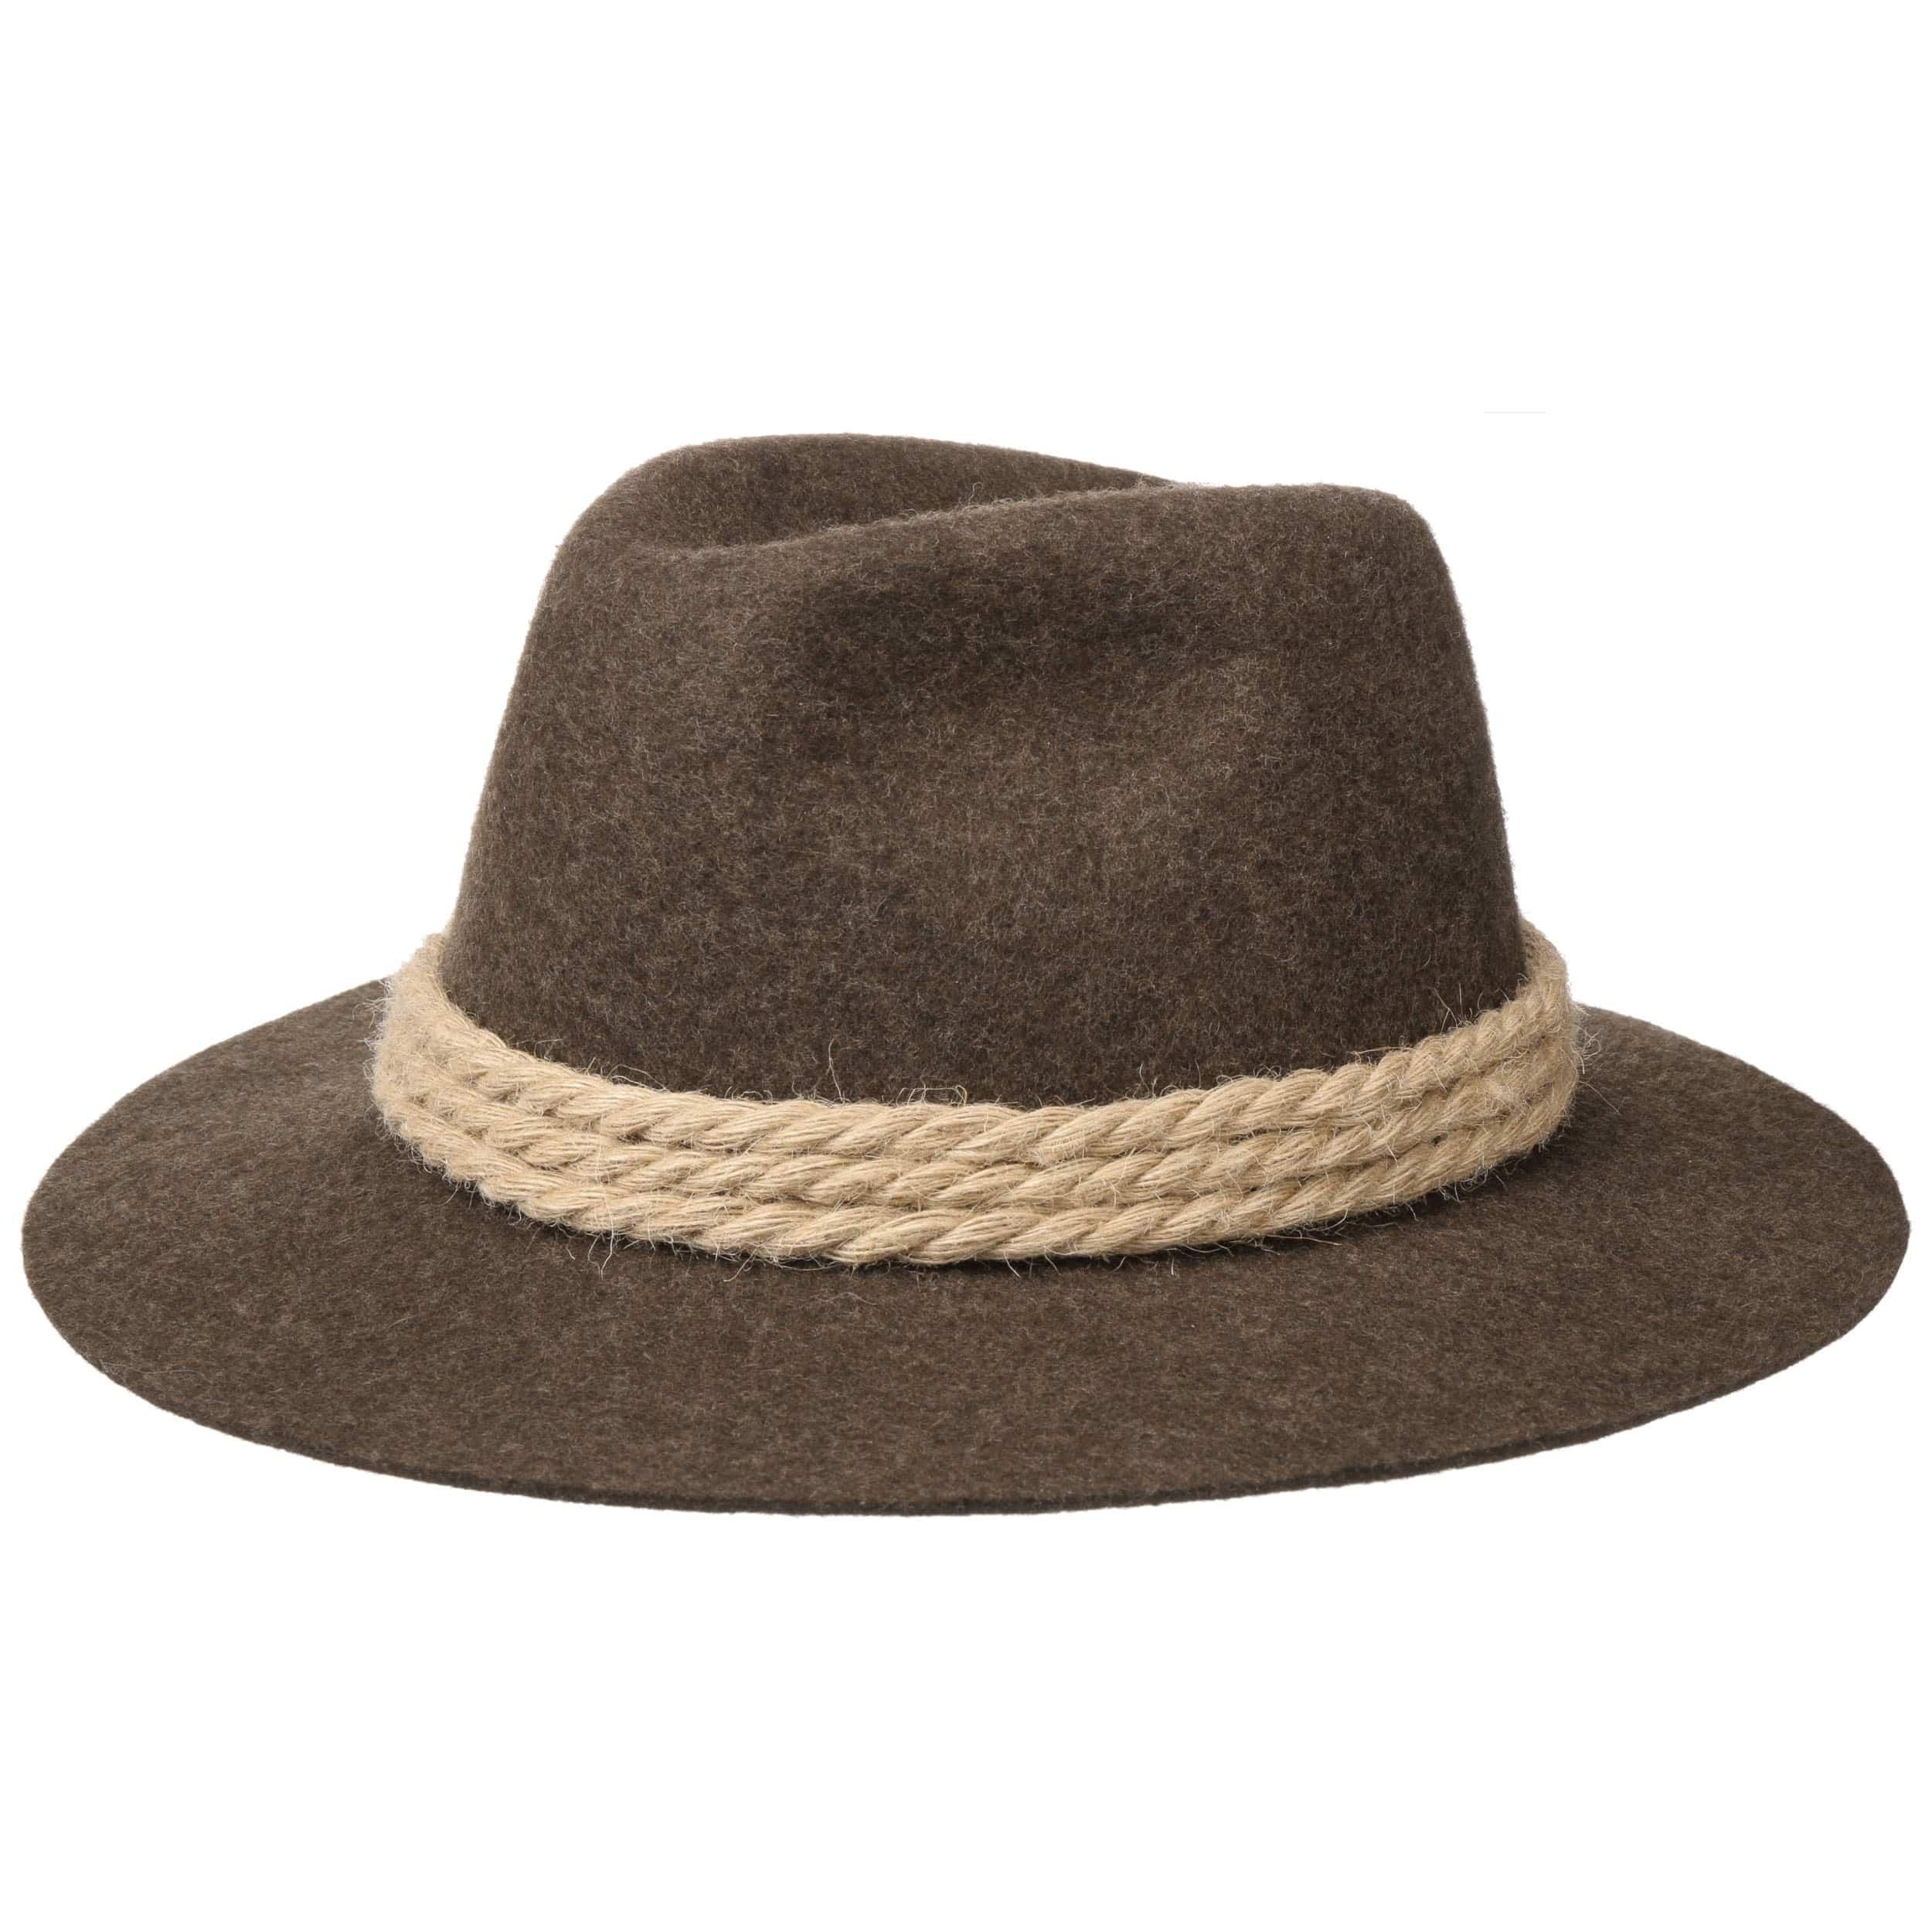 ... Cappello Tradizionale Tirolese 2 · Cappello Tradizionale Tirolese -  marrone 4 ... de317c74db20